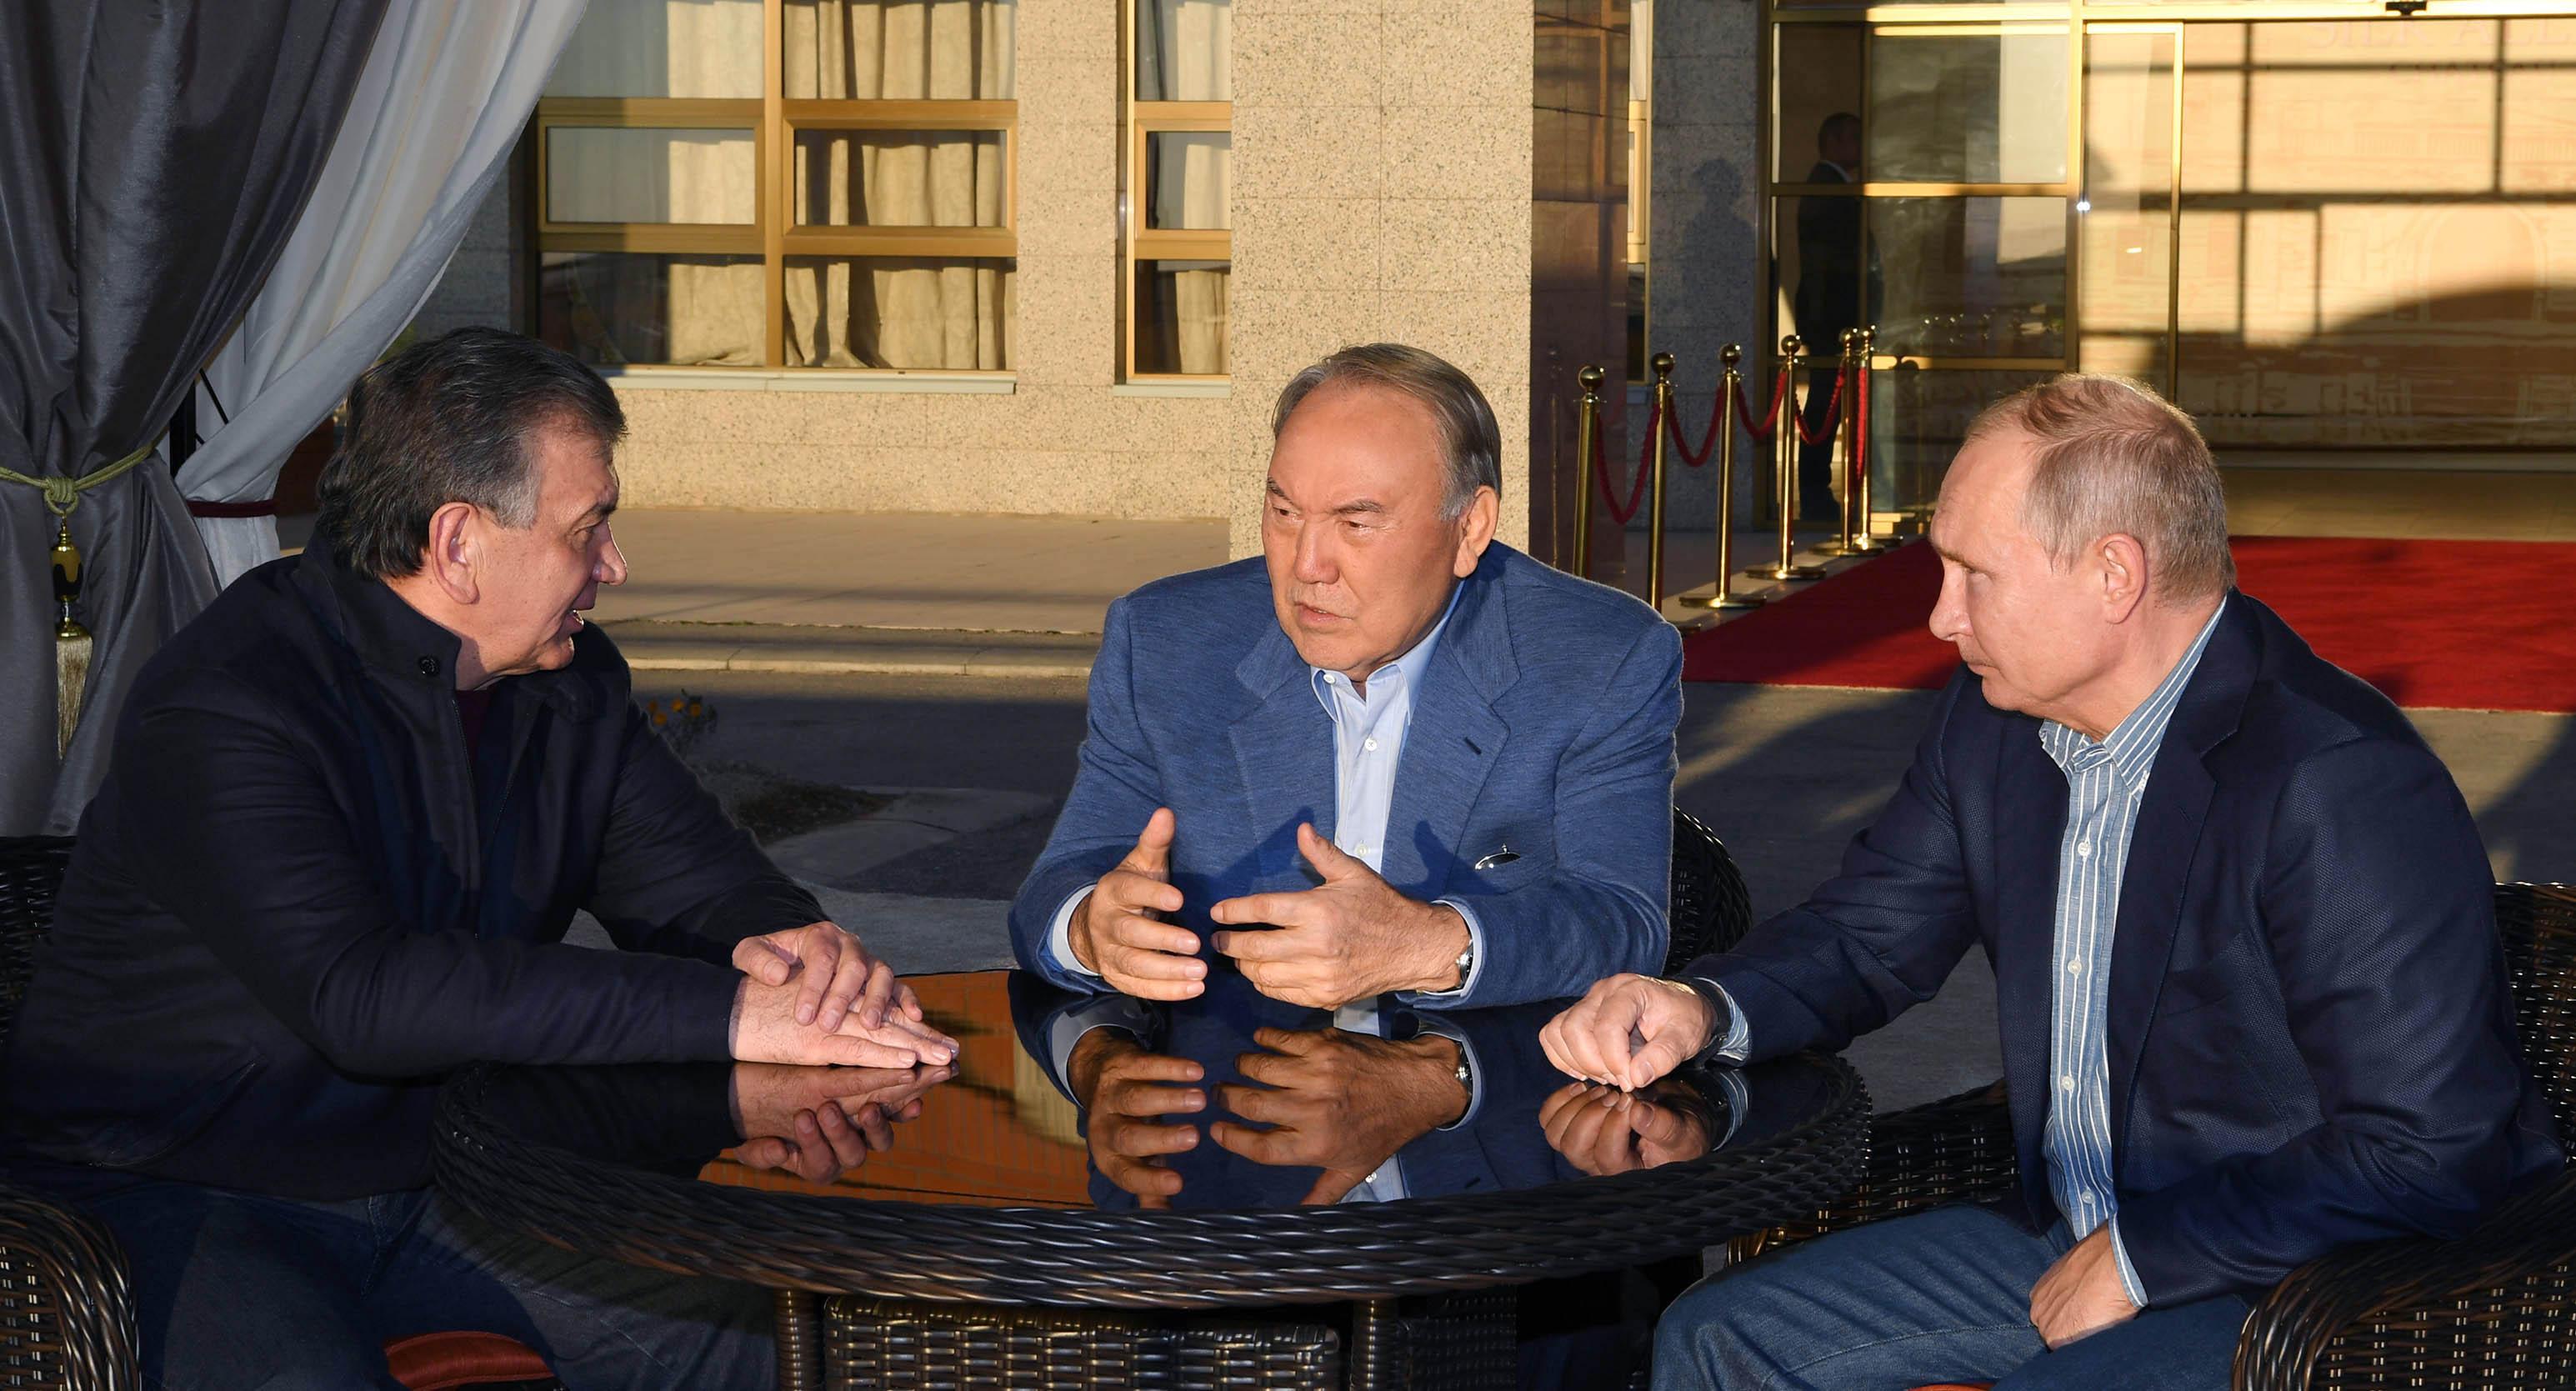 Нурсултан Назарбаев встретился с Владимиром Путиным и Шавкатом Мирзиёевым